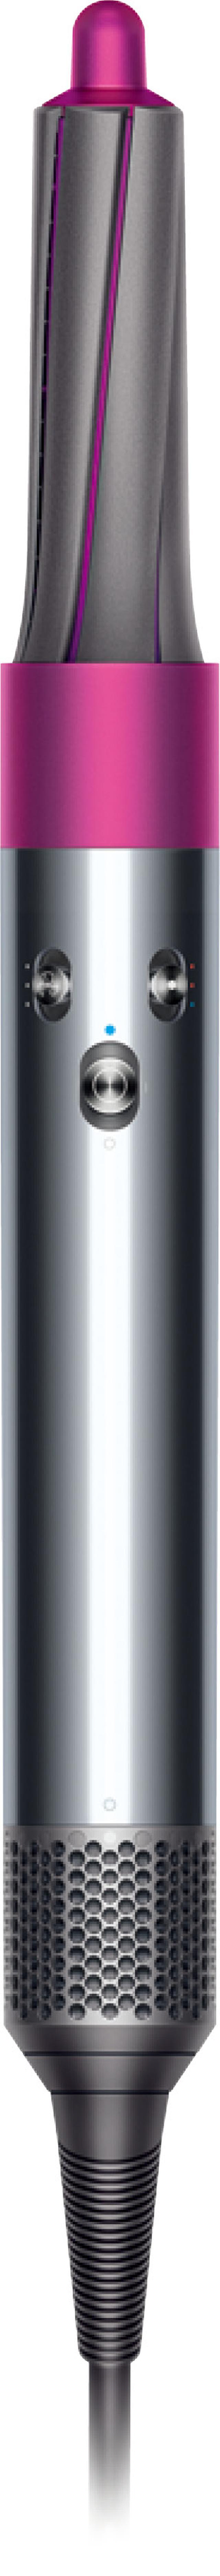 画像: 【巻き髪アレンジが簡単】ダイソンの高級ドライヤー「Dyson Airwrap Volume + Shape」